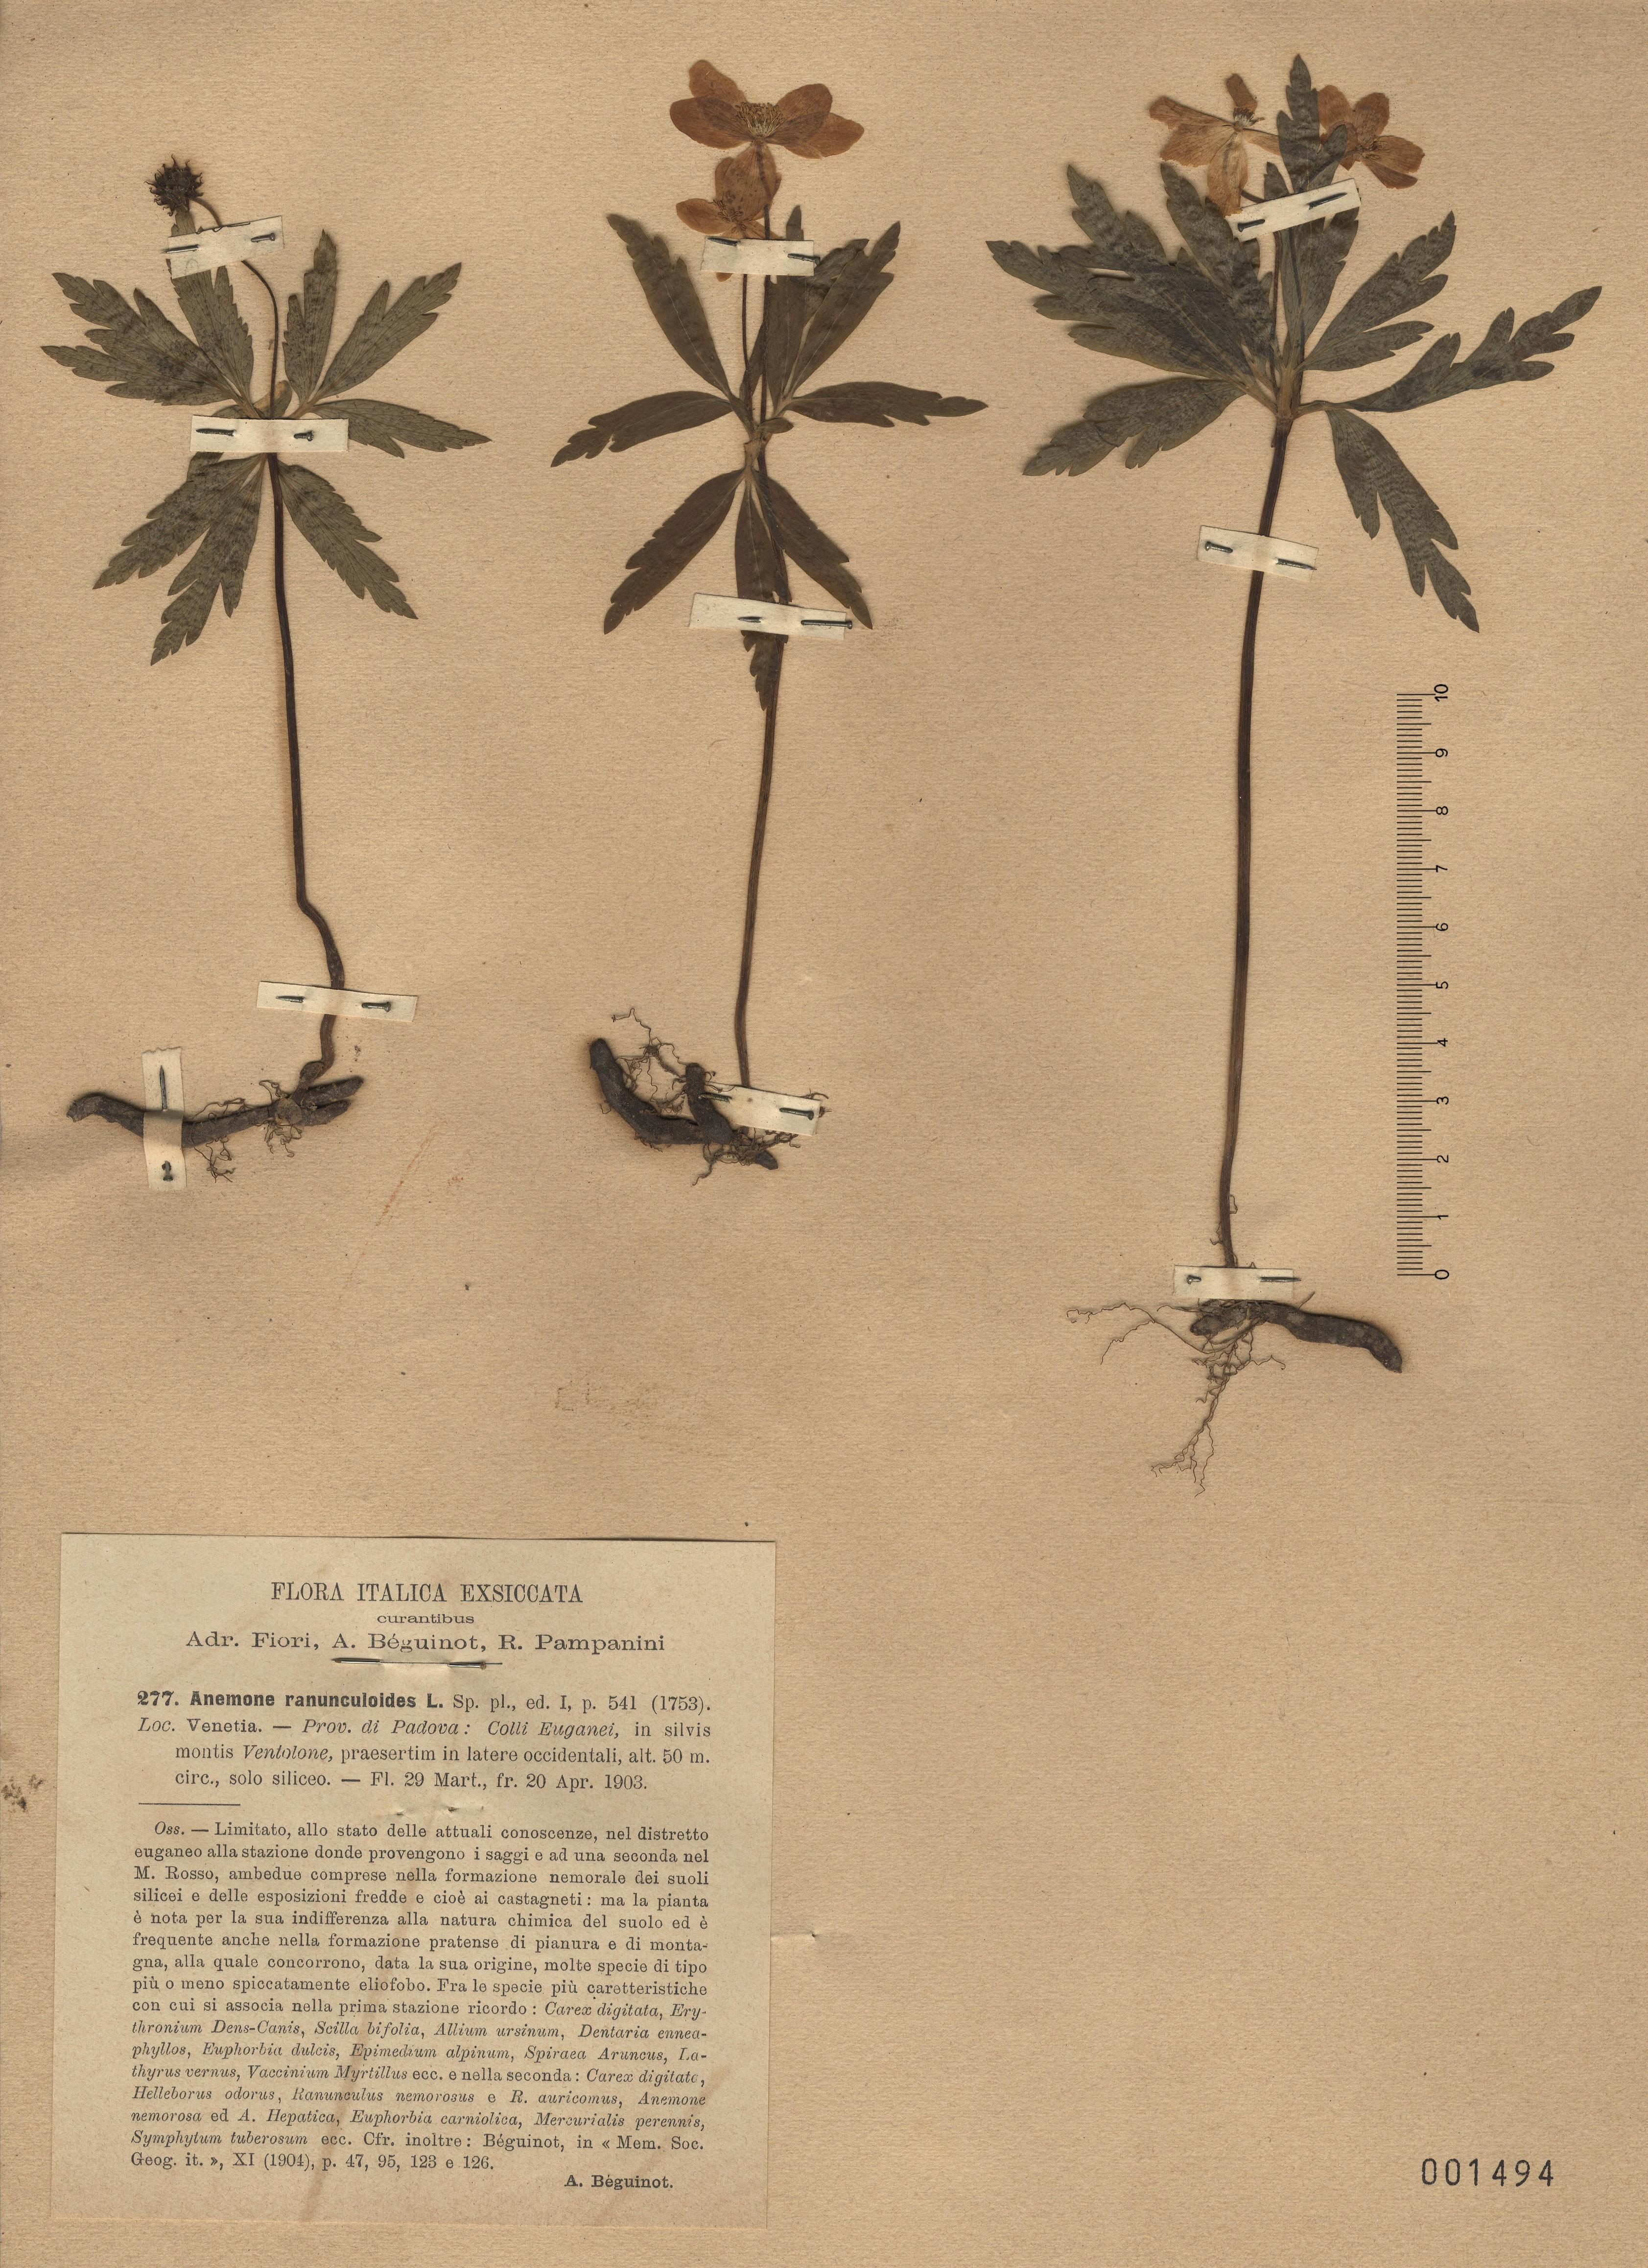 © Hortus Botanicus Catinensis - Herb. sheet 001494<br>